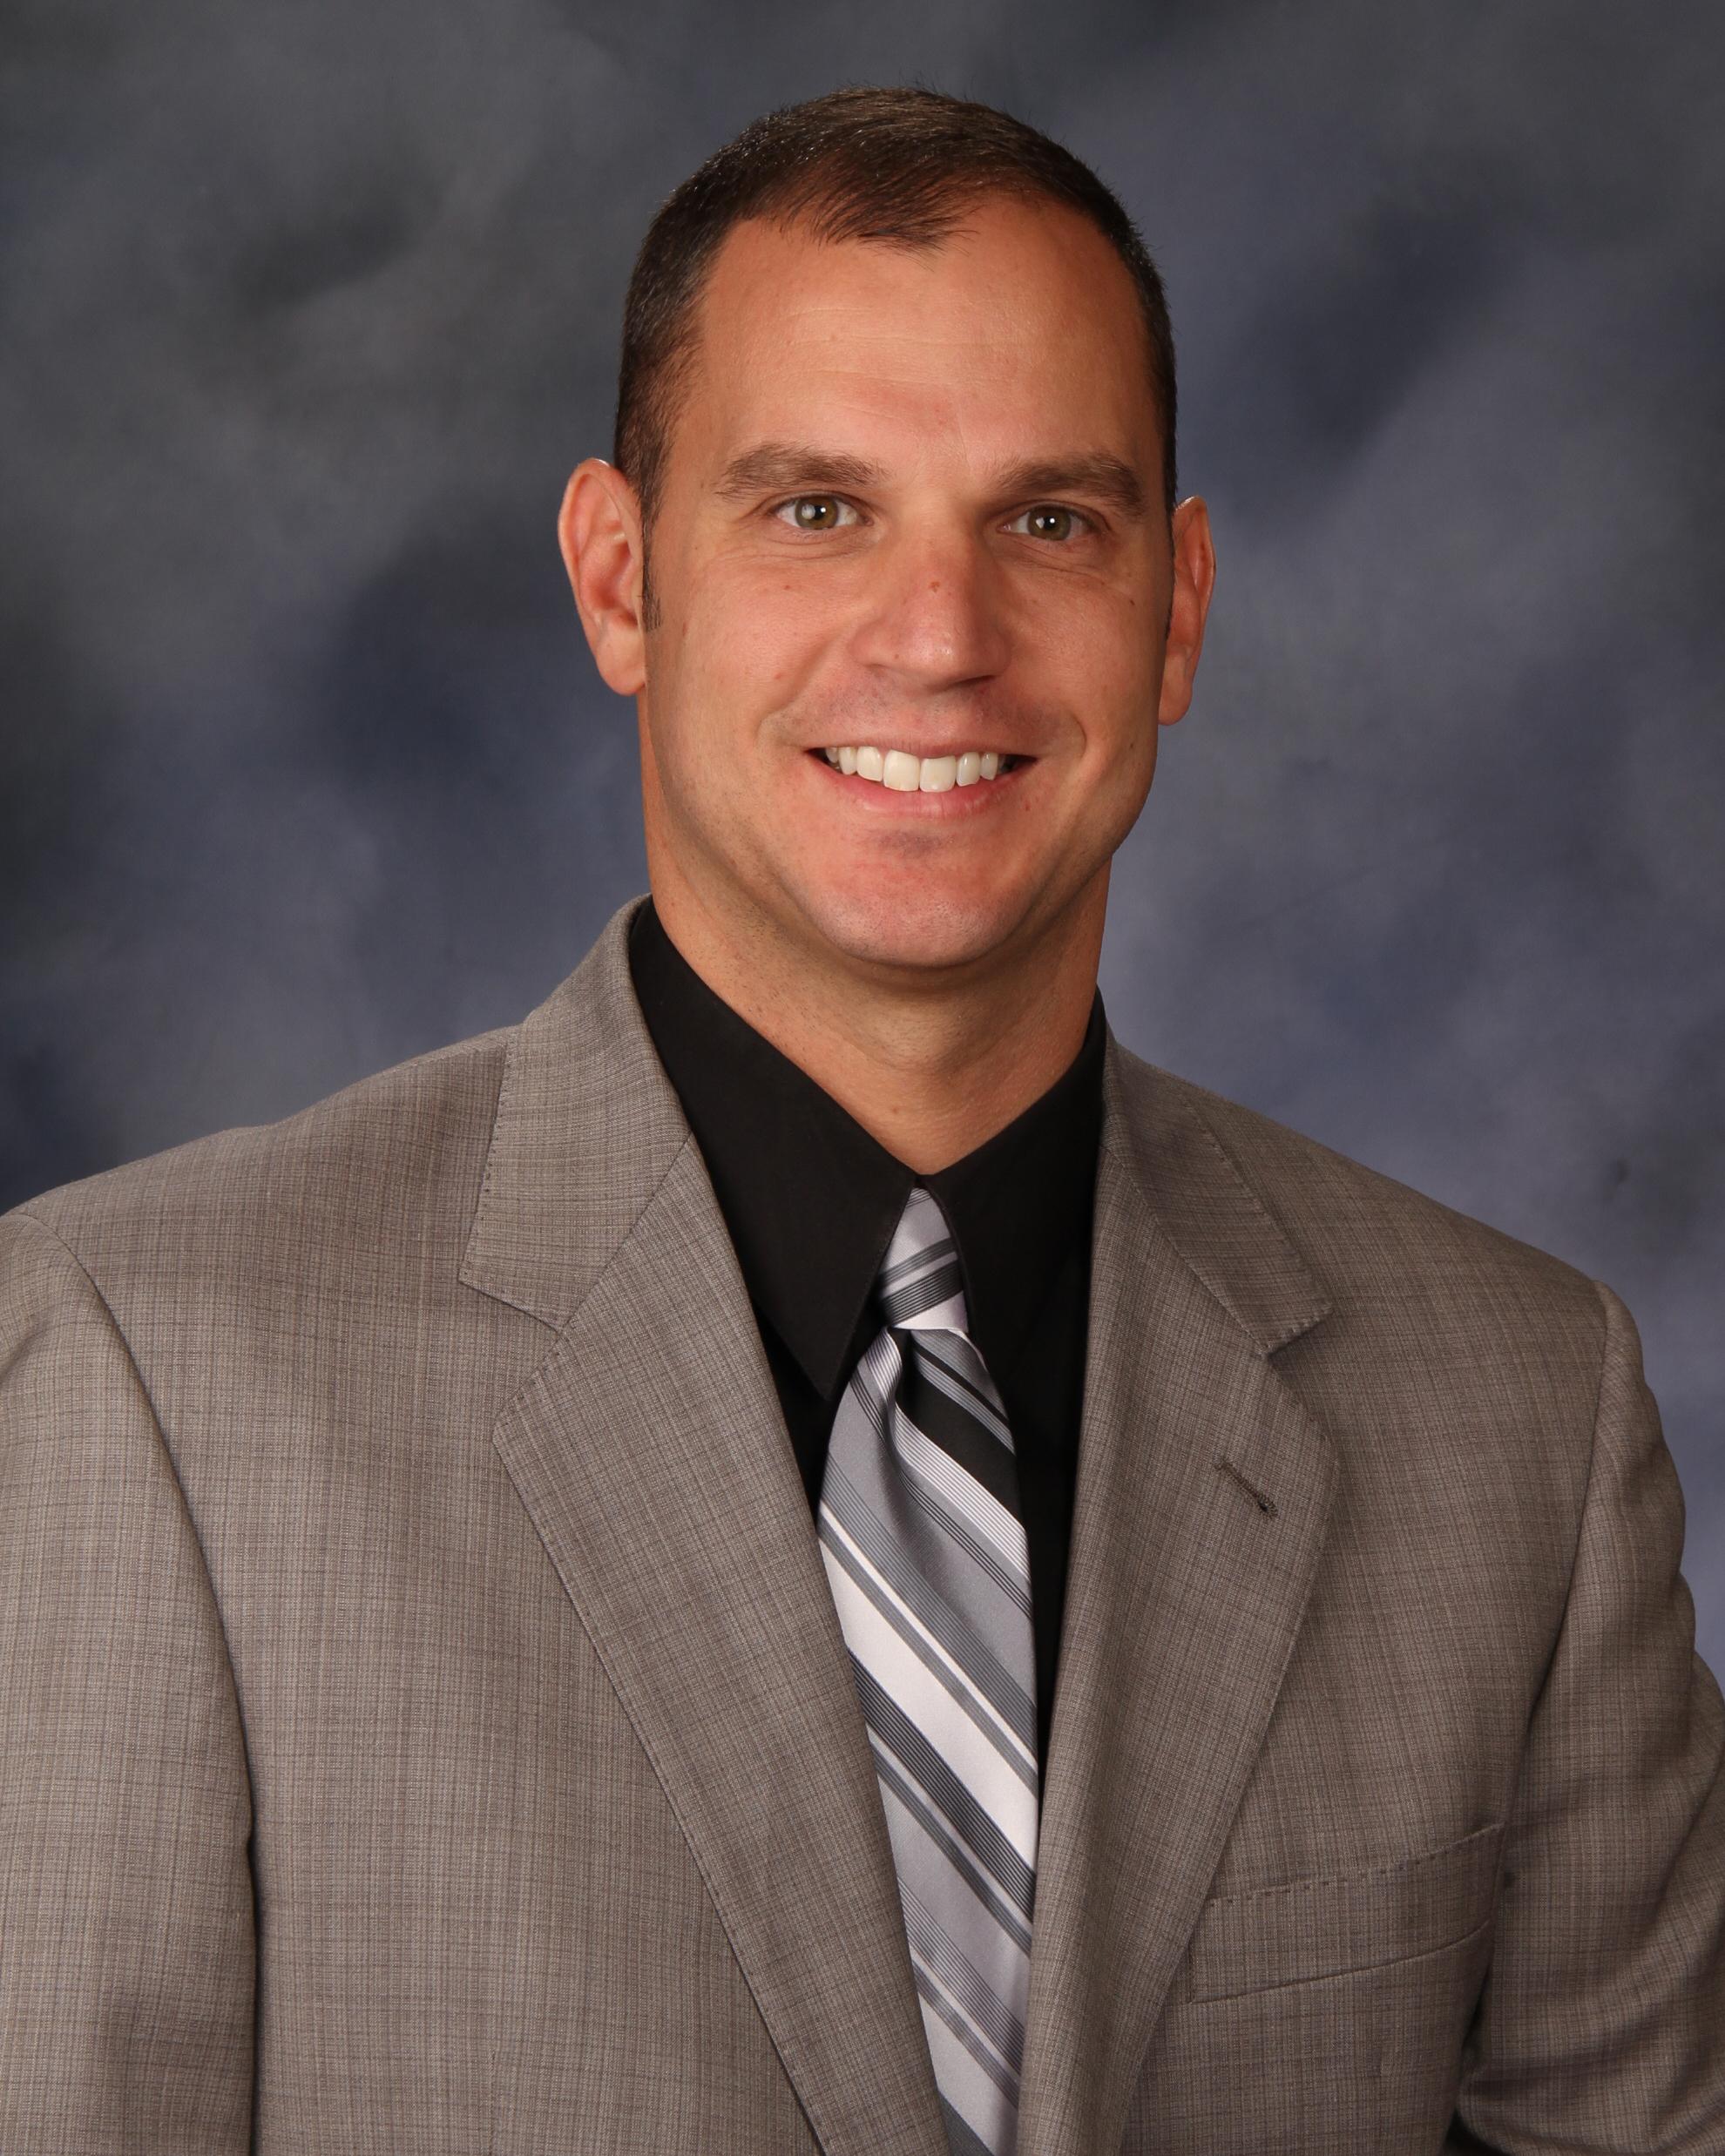 Pete Pirone, superintendent